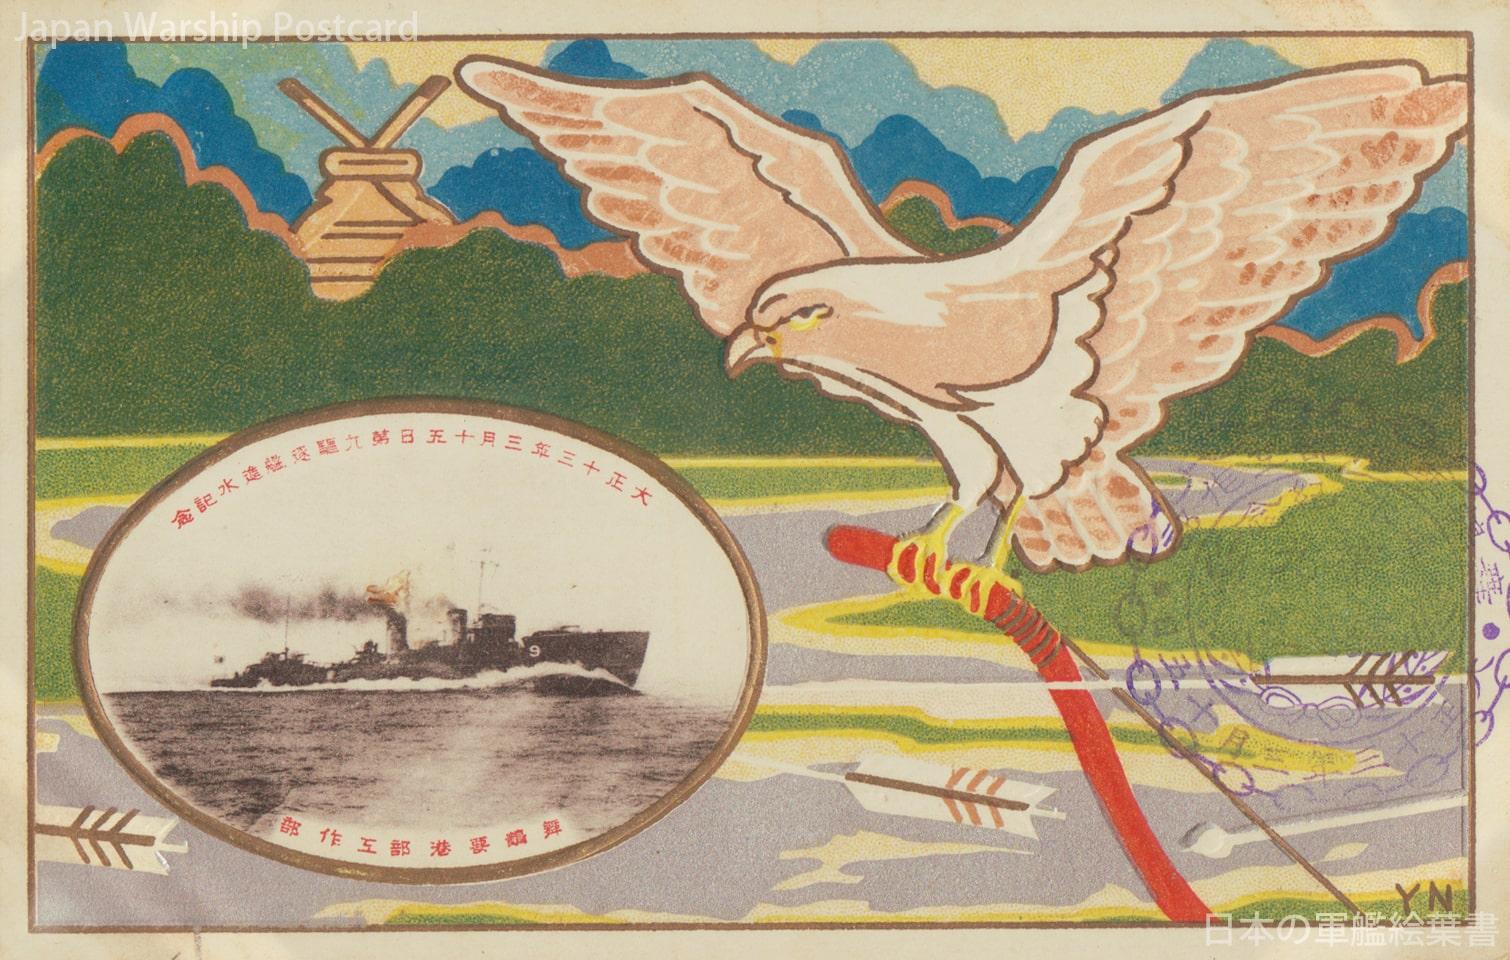 神風型駆逐艦「旗風」